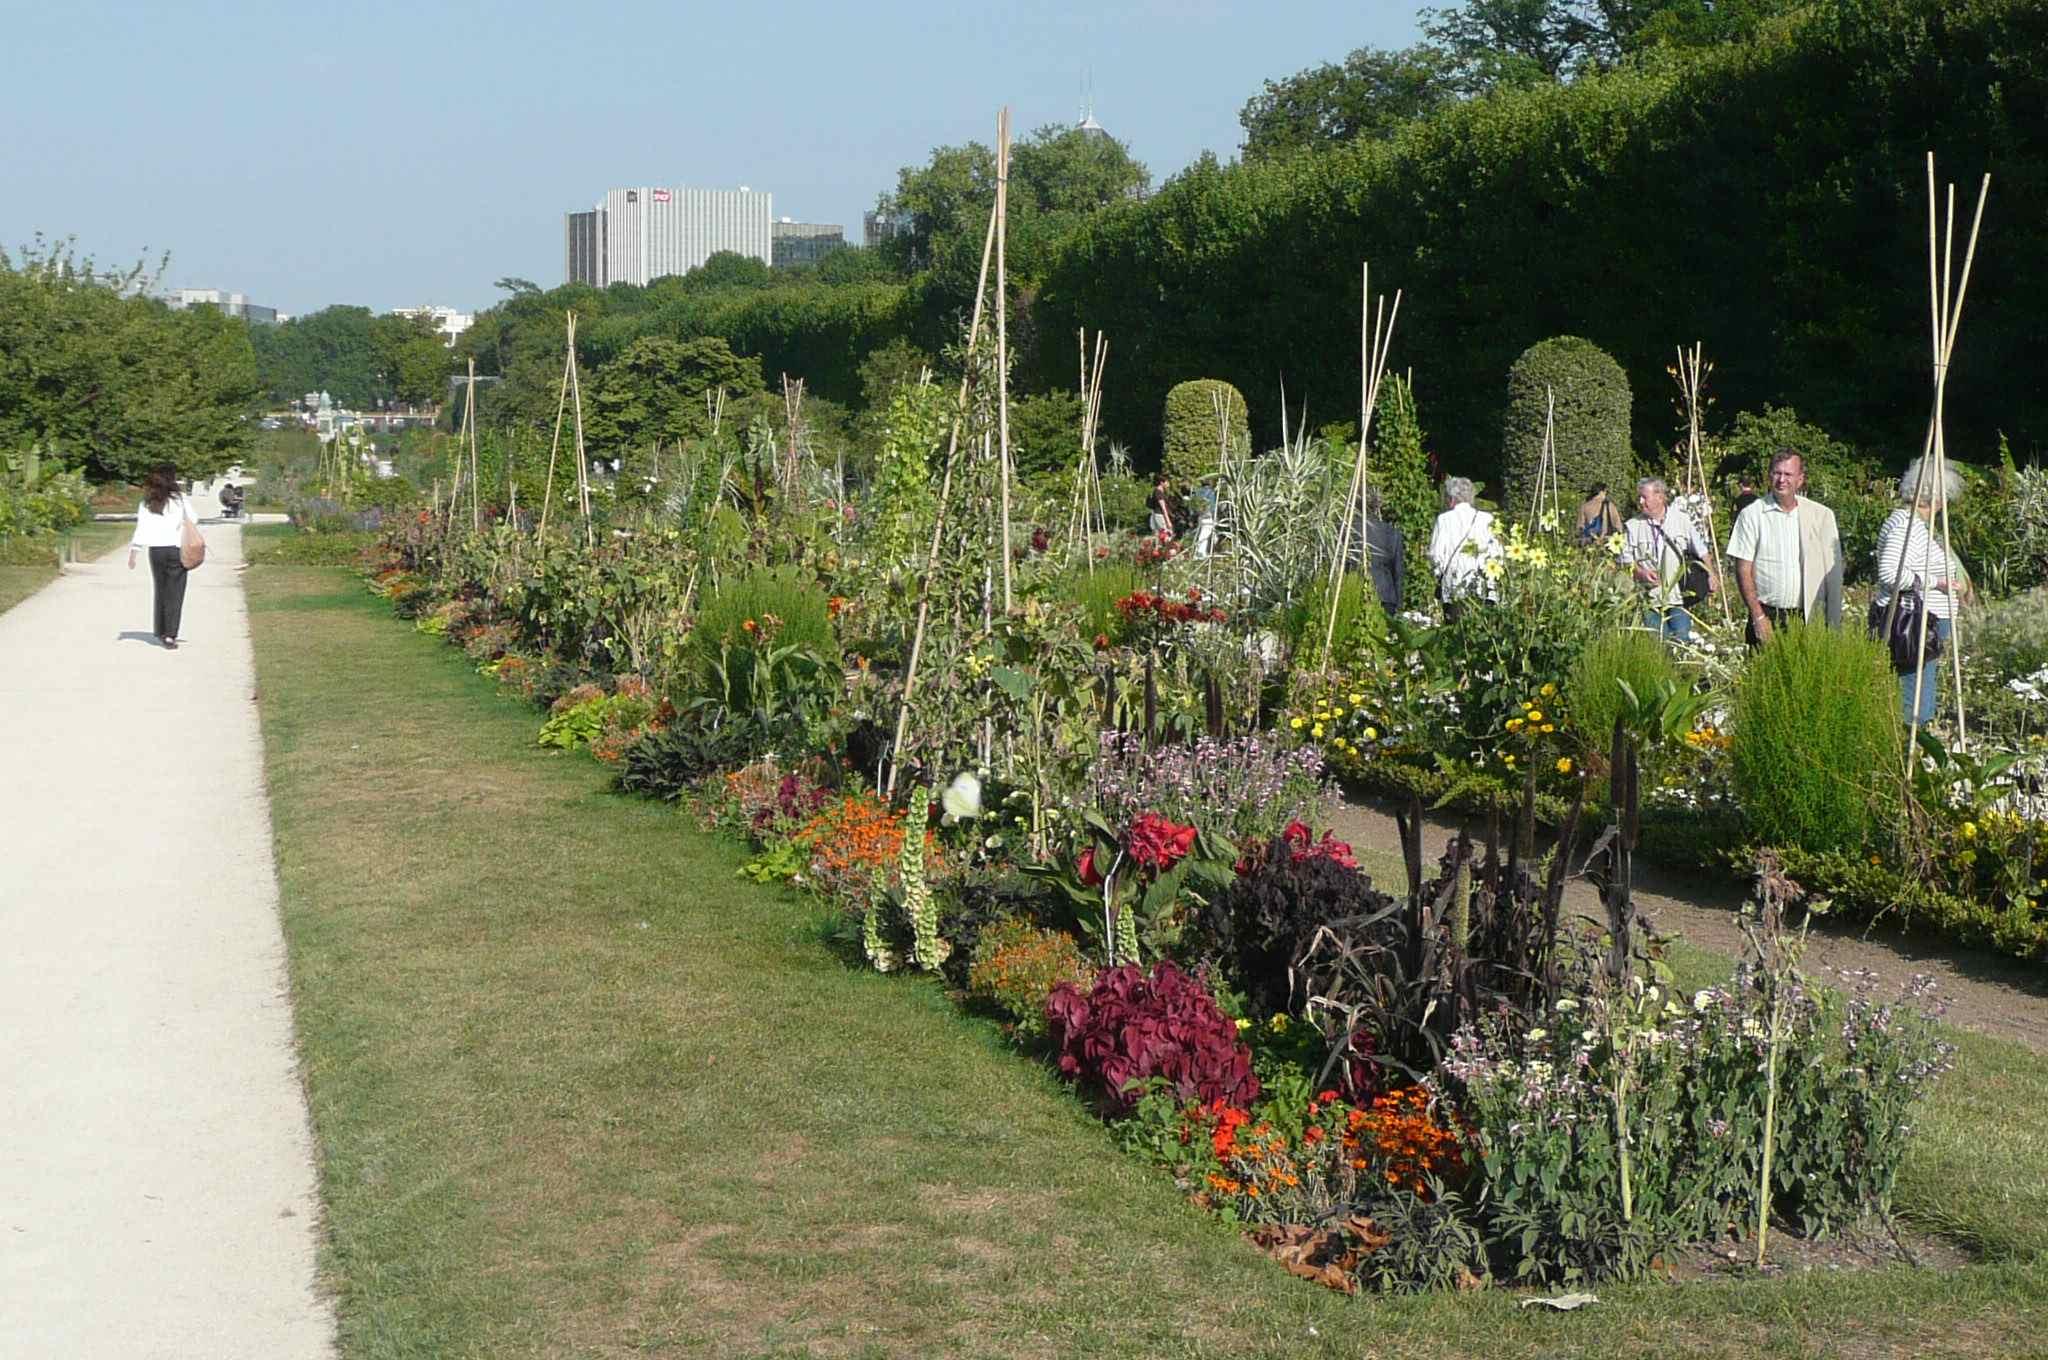 Jardin des plantes chunnel vision for Paris jardin plantes